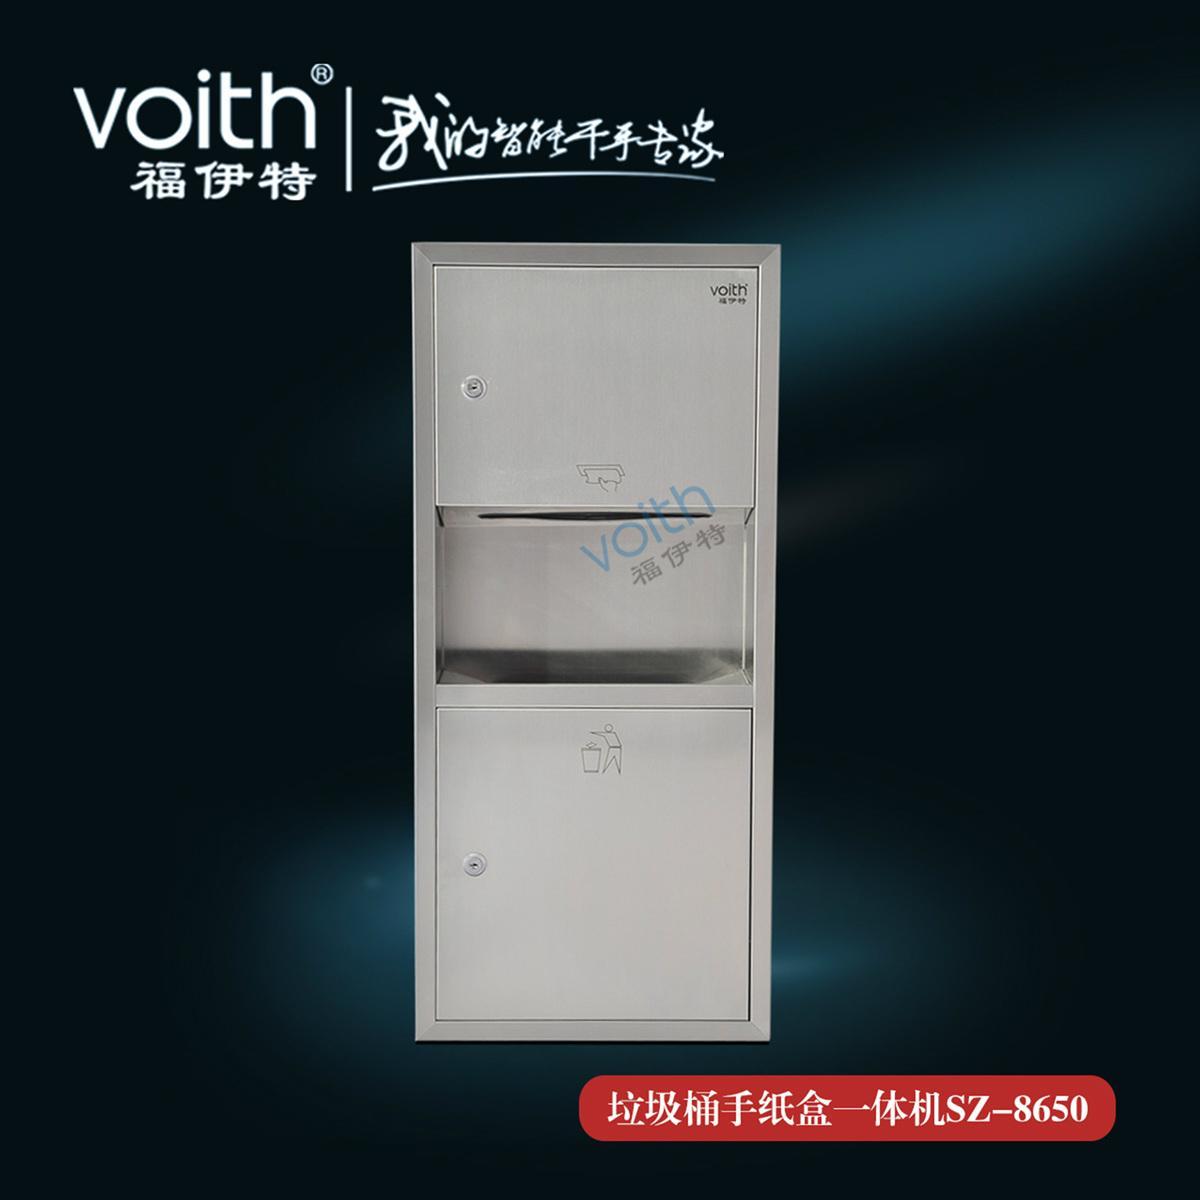 福伊特圓形鋼化玻璃卷紙盒VT-8631福伊特品牌 4